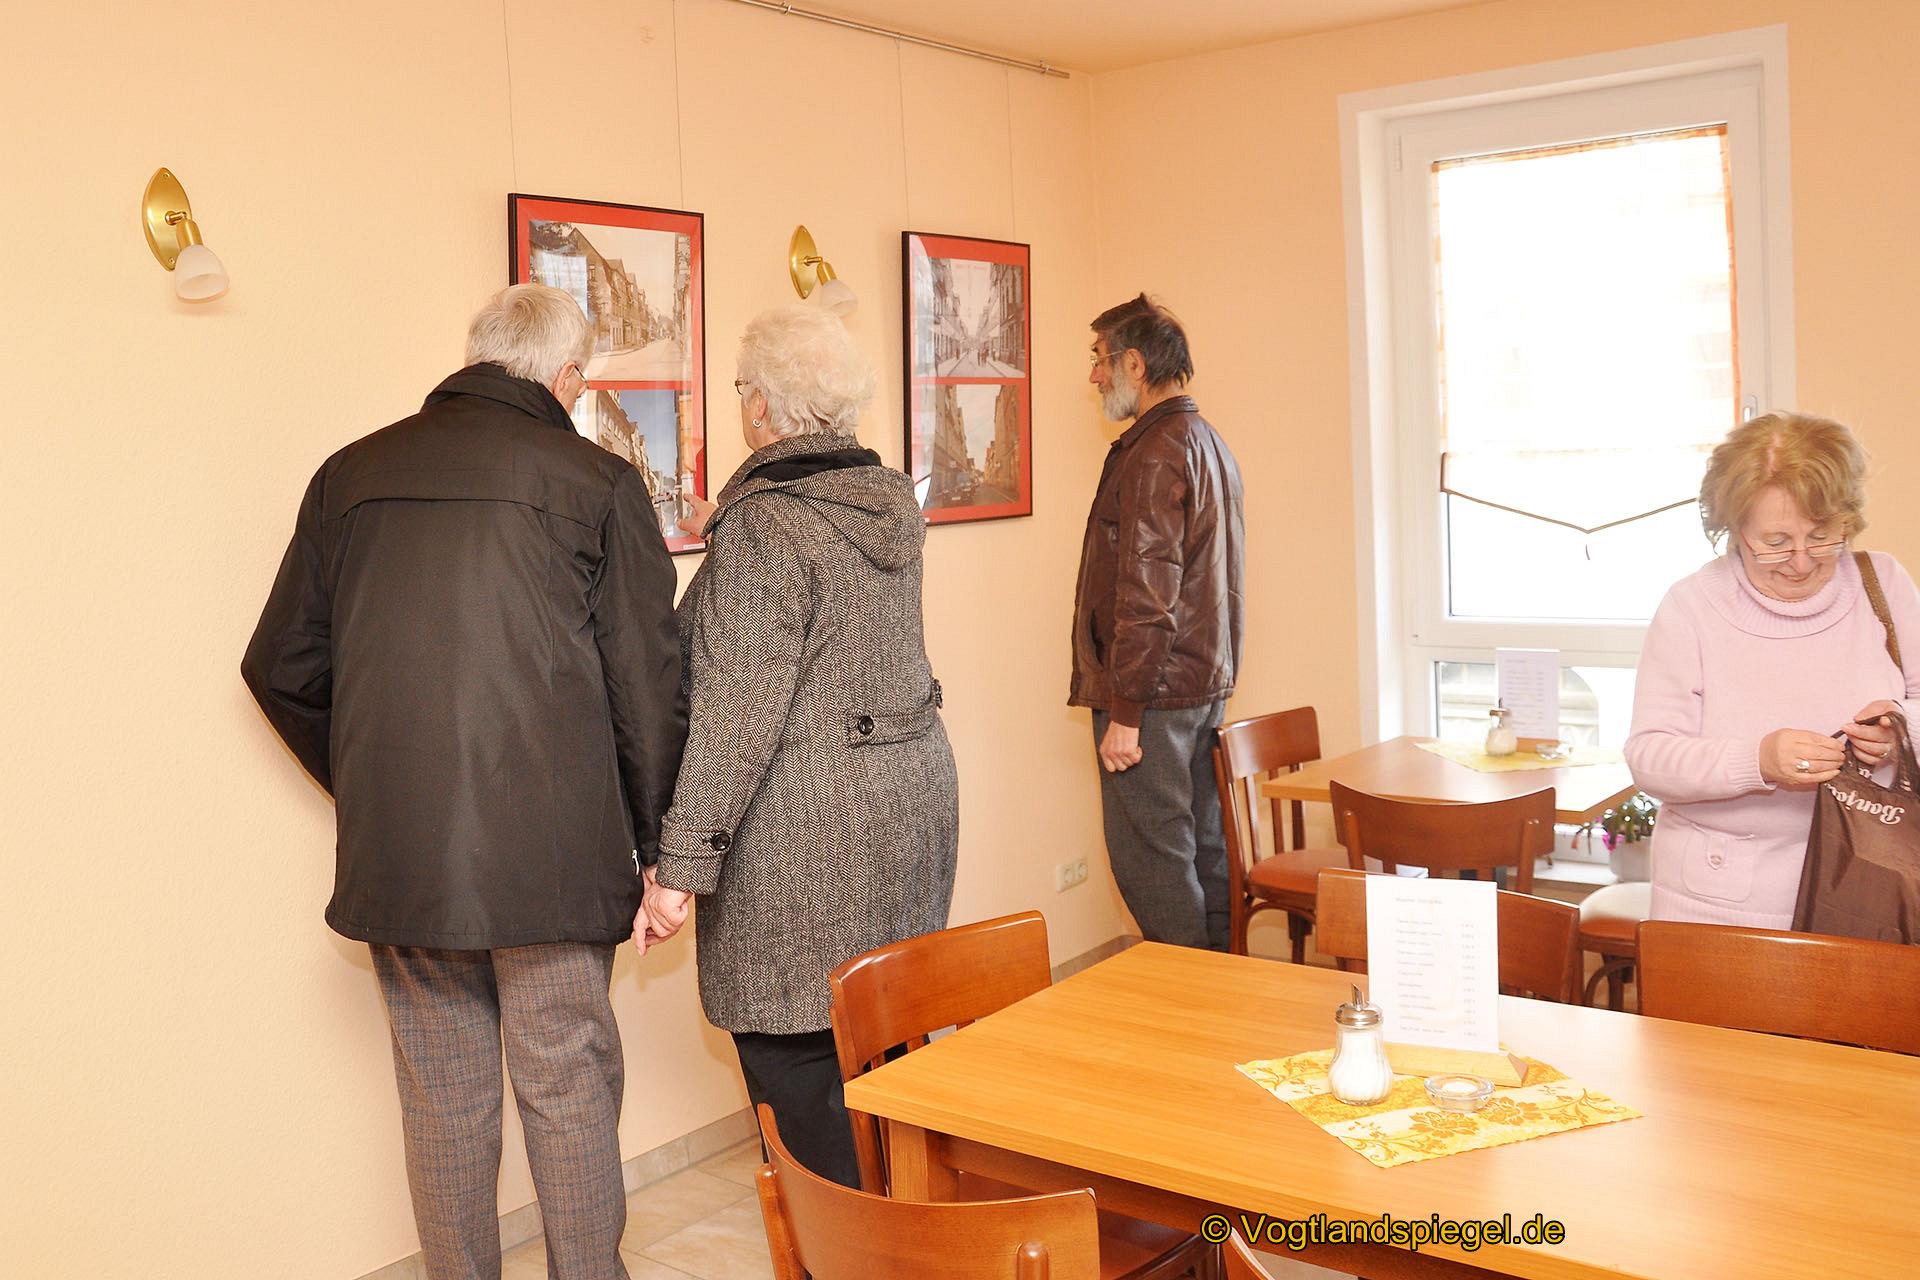 Fotoclub präsentiert »Altes Greiz aus neuer Sicht« im Café der Bäckerei und Konditorei Menz